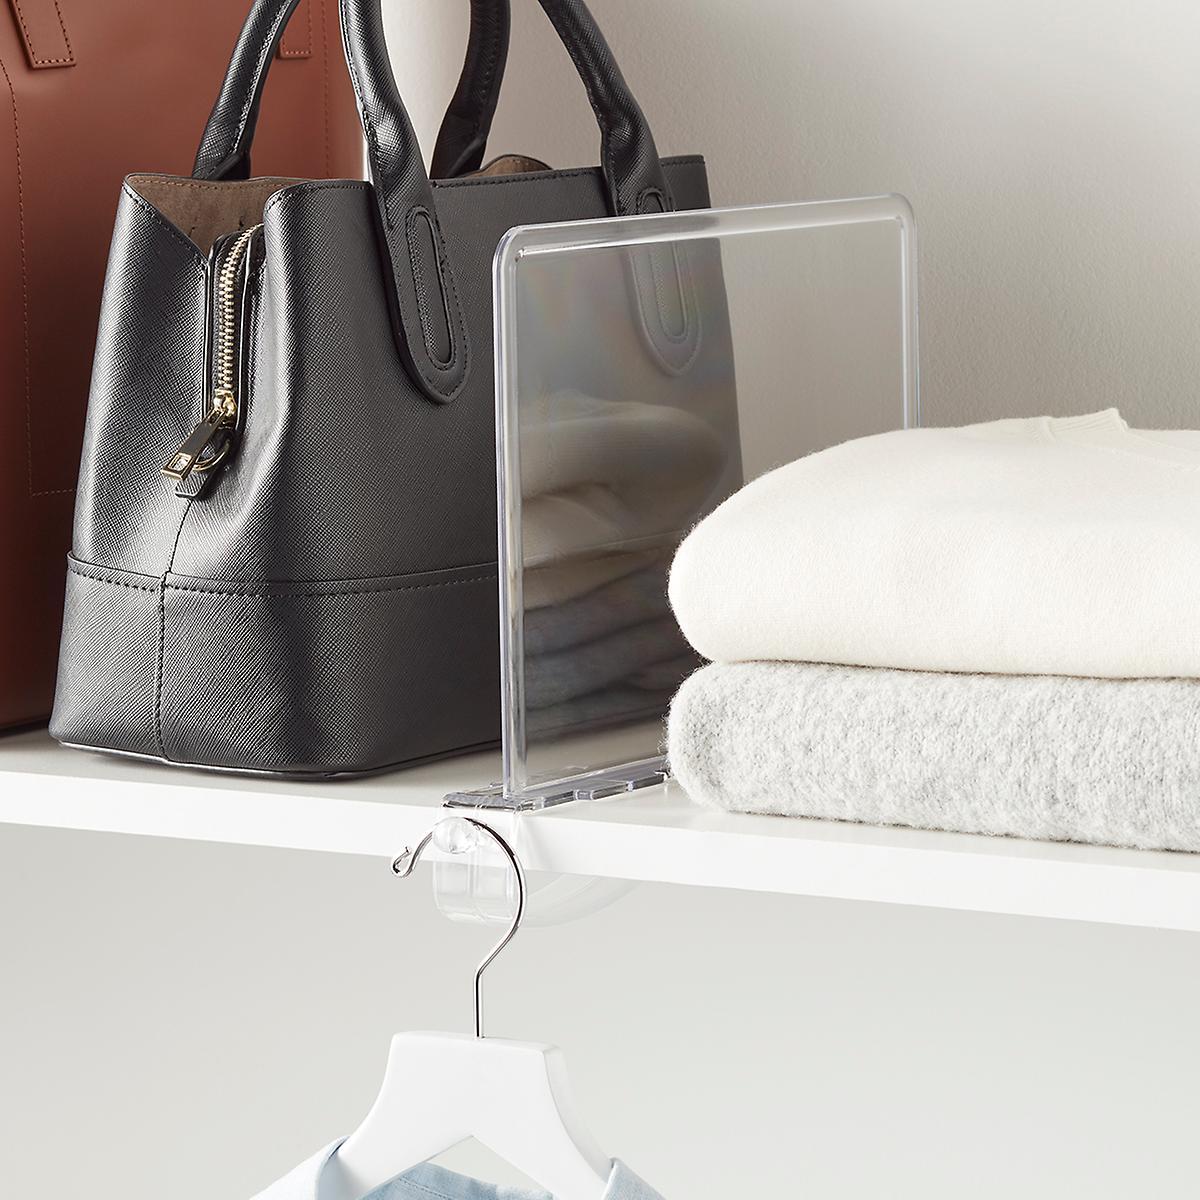 3 phụ kiện tạo vách ngăn cho tủ quần áo vừa đẹp lại đơn giản mà bạn có thể mua  - Ảnh 6.